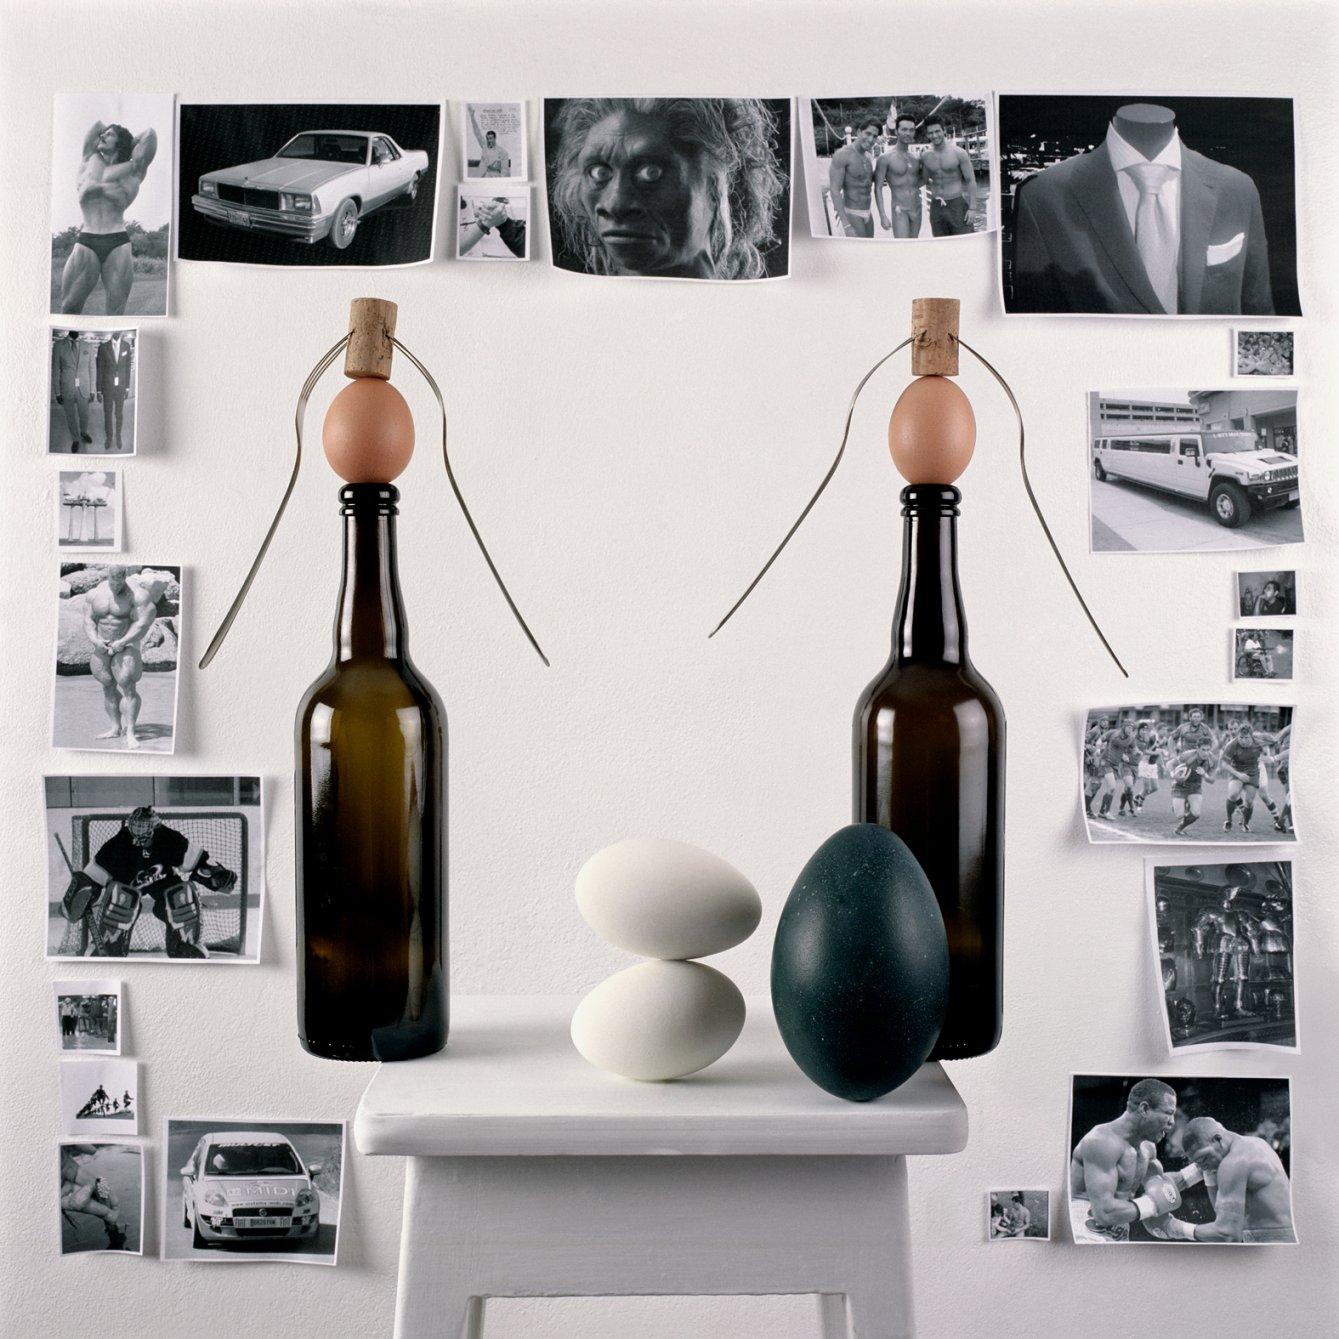 Eggs (2009) - Miguel Ángel Gaüeca